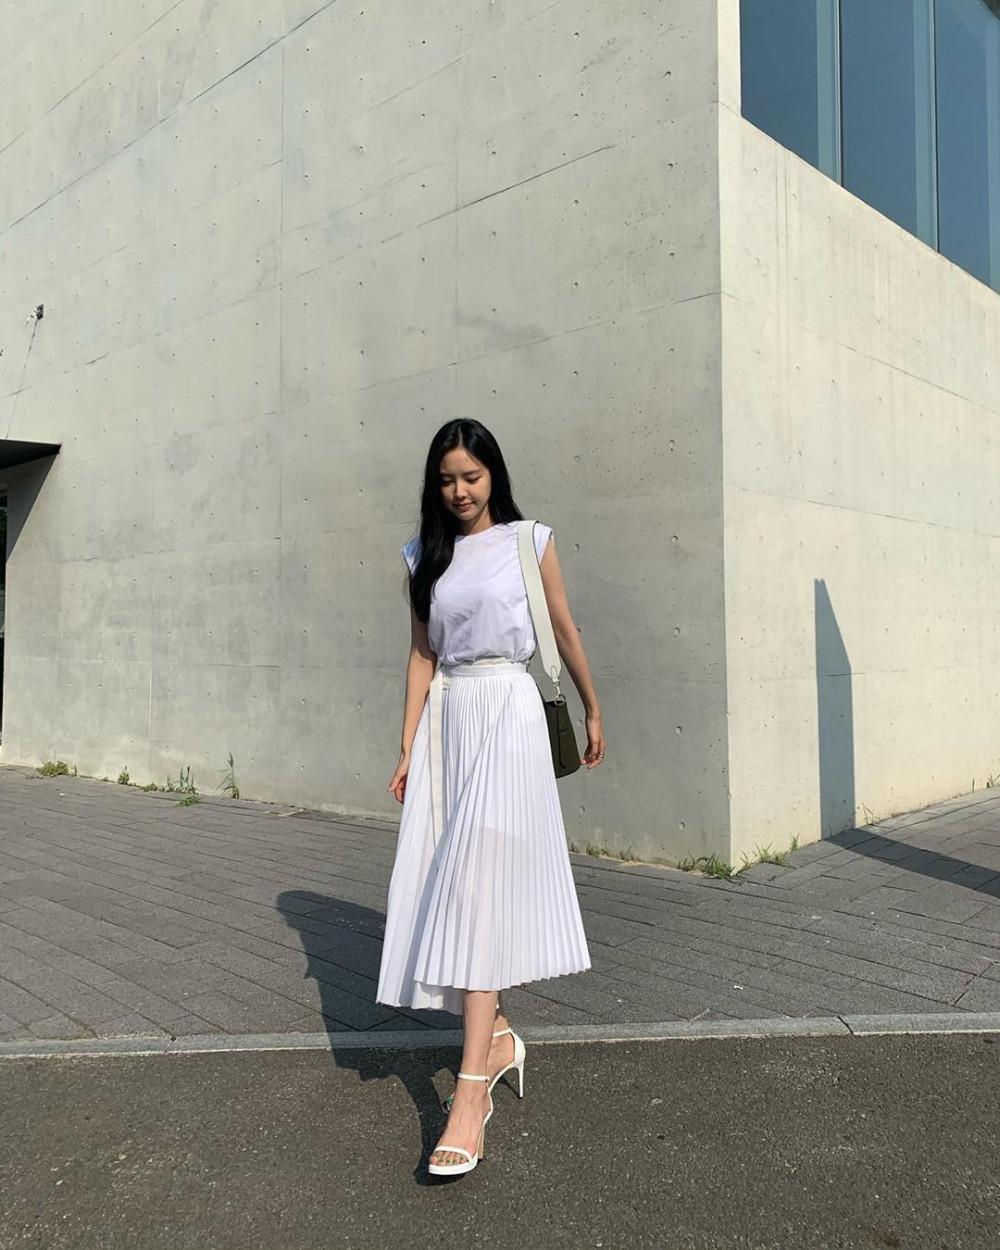 Son Na-eun xinh đẹp khi diện nguyên set đồ màu trắng. Cô chọn áo phông cộc tay với phần đường viền tinh tế kết hợp cùng chân váy xếp ly nữ tính. Nữ ca sĩ không quên sử dụng giày cao gót giúp vóc dáng thanh thoát hơn.